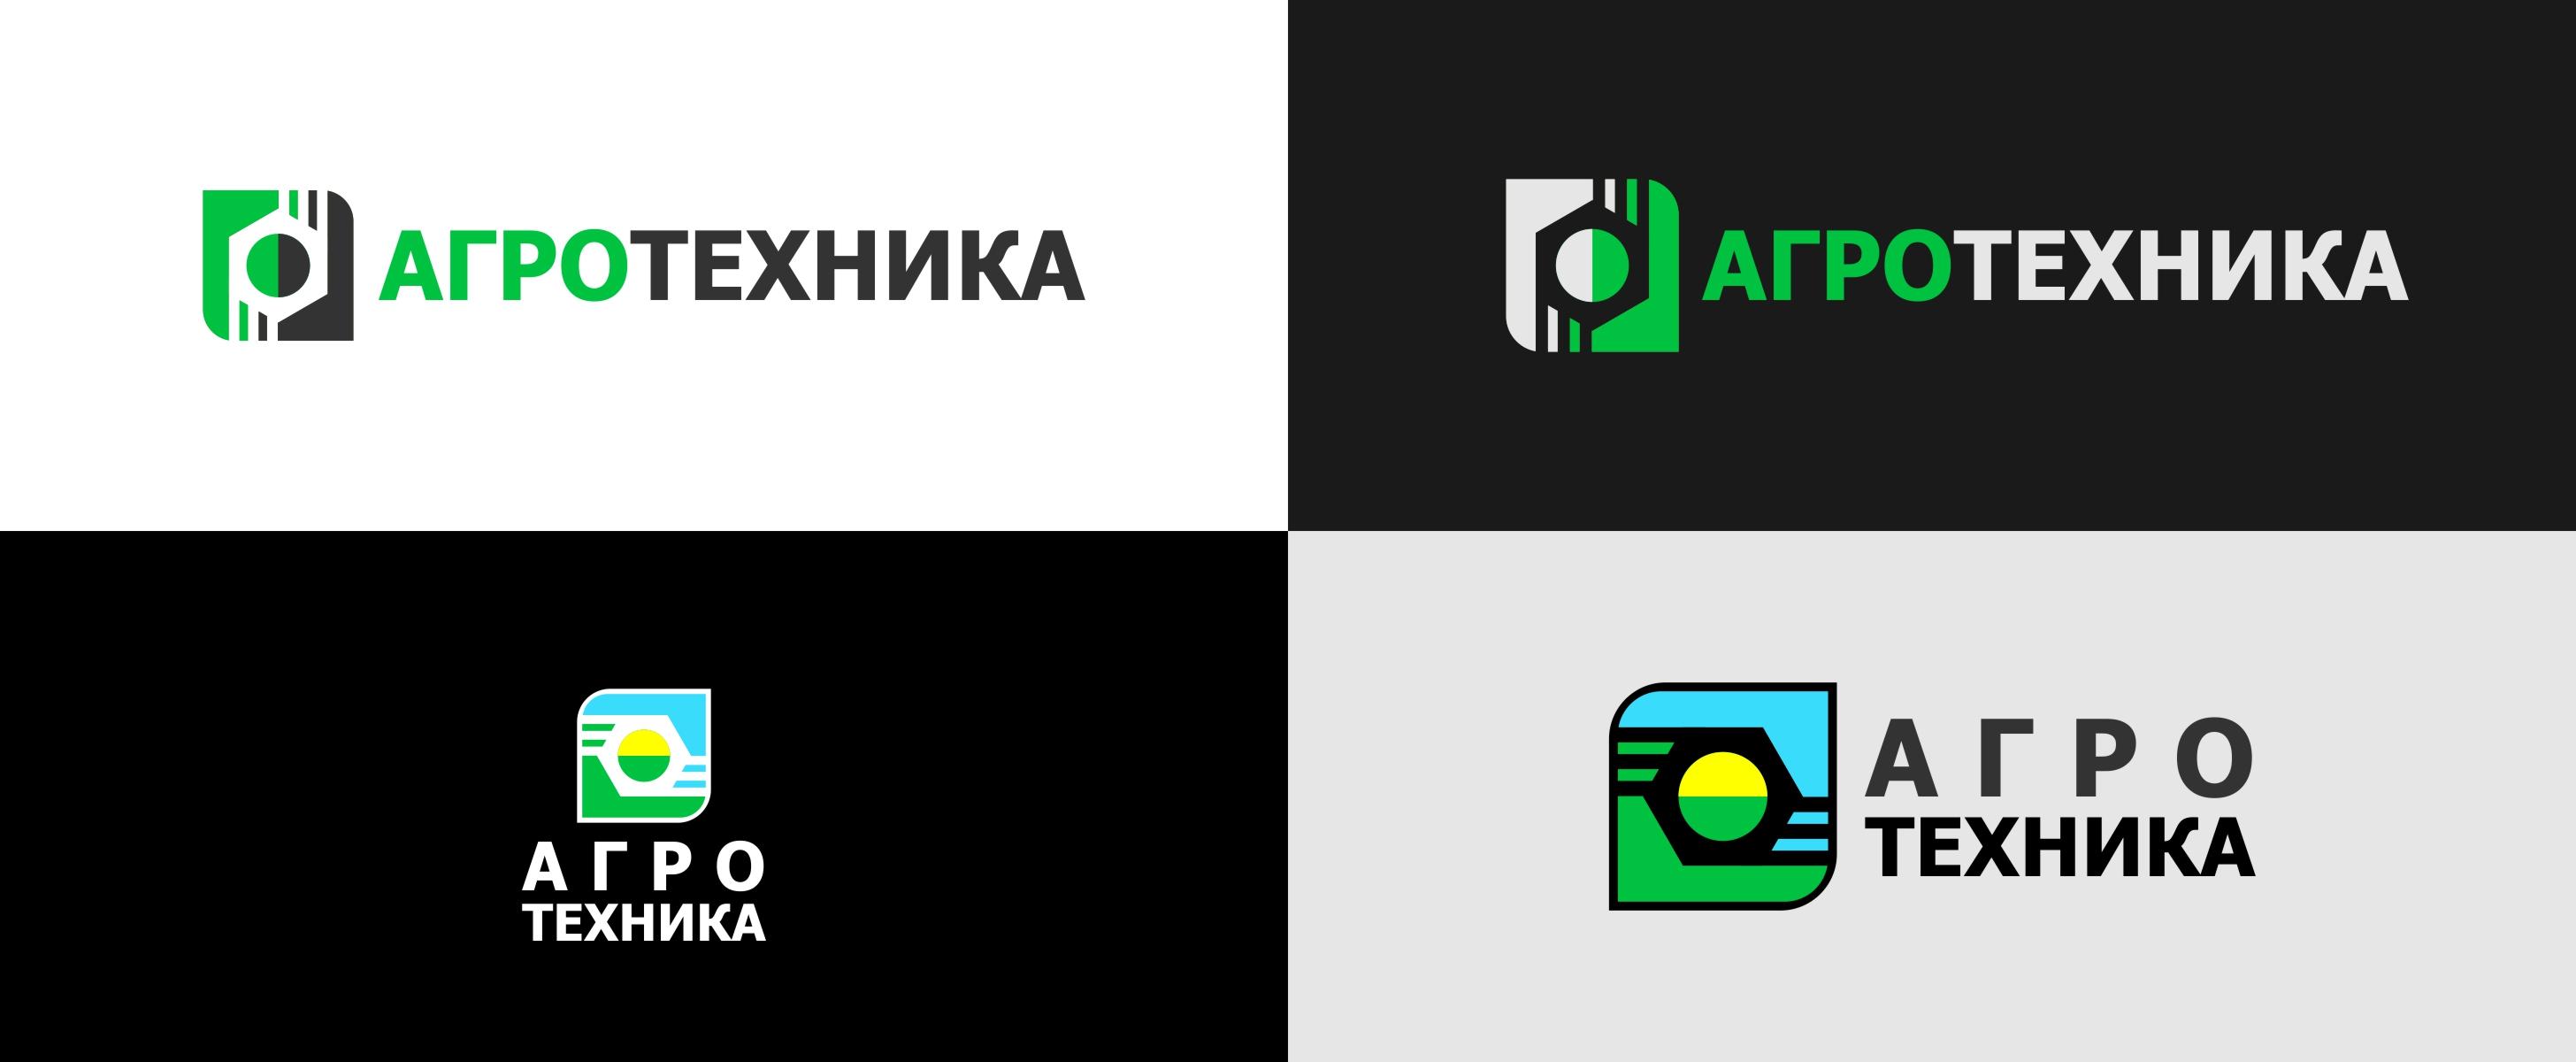 Разработка логотипа для компании Агротехника фото f_5255c012b4ea2318.jpg